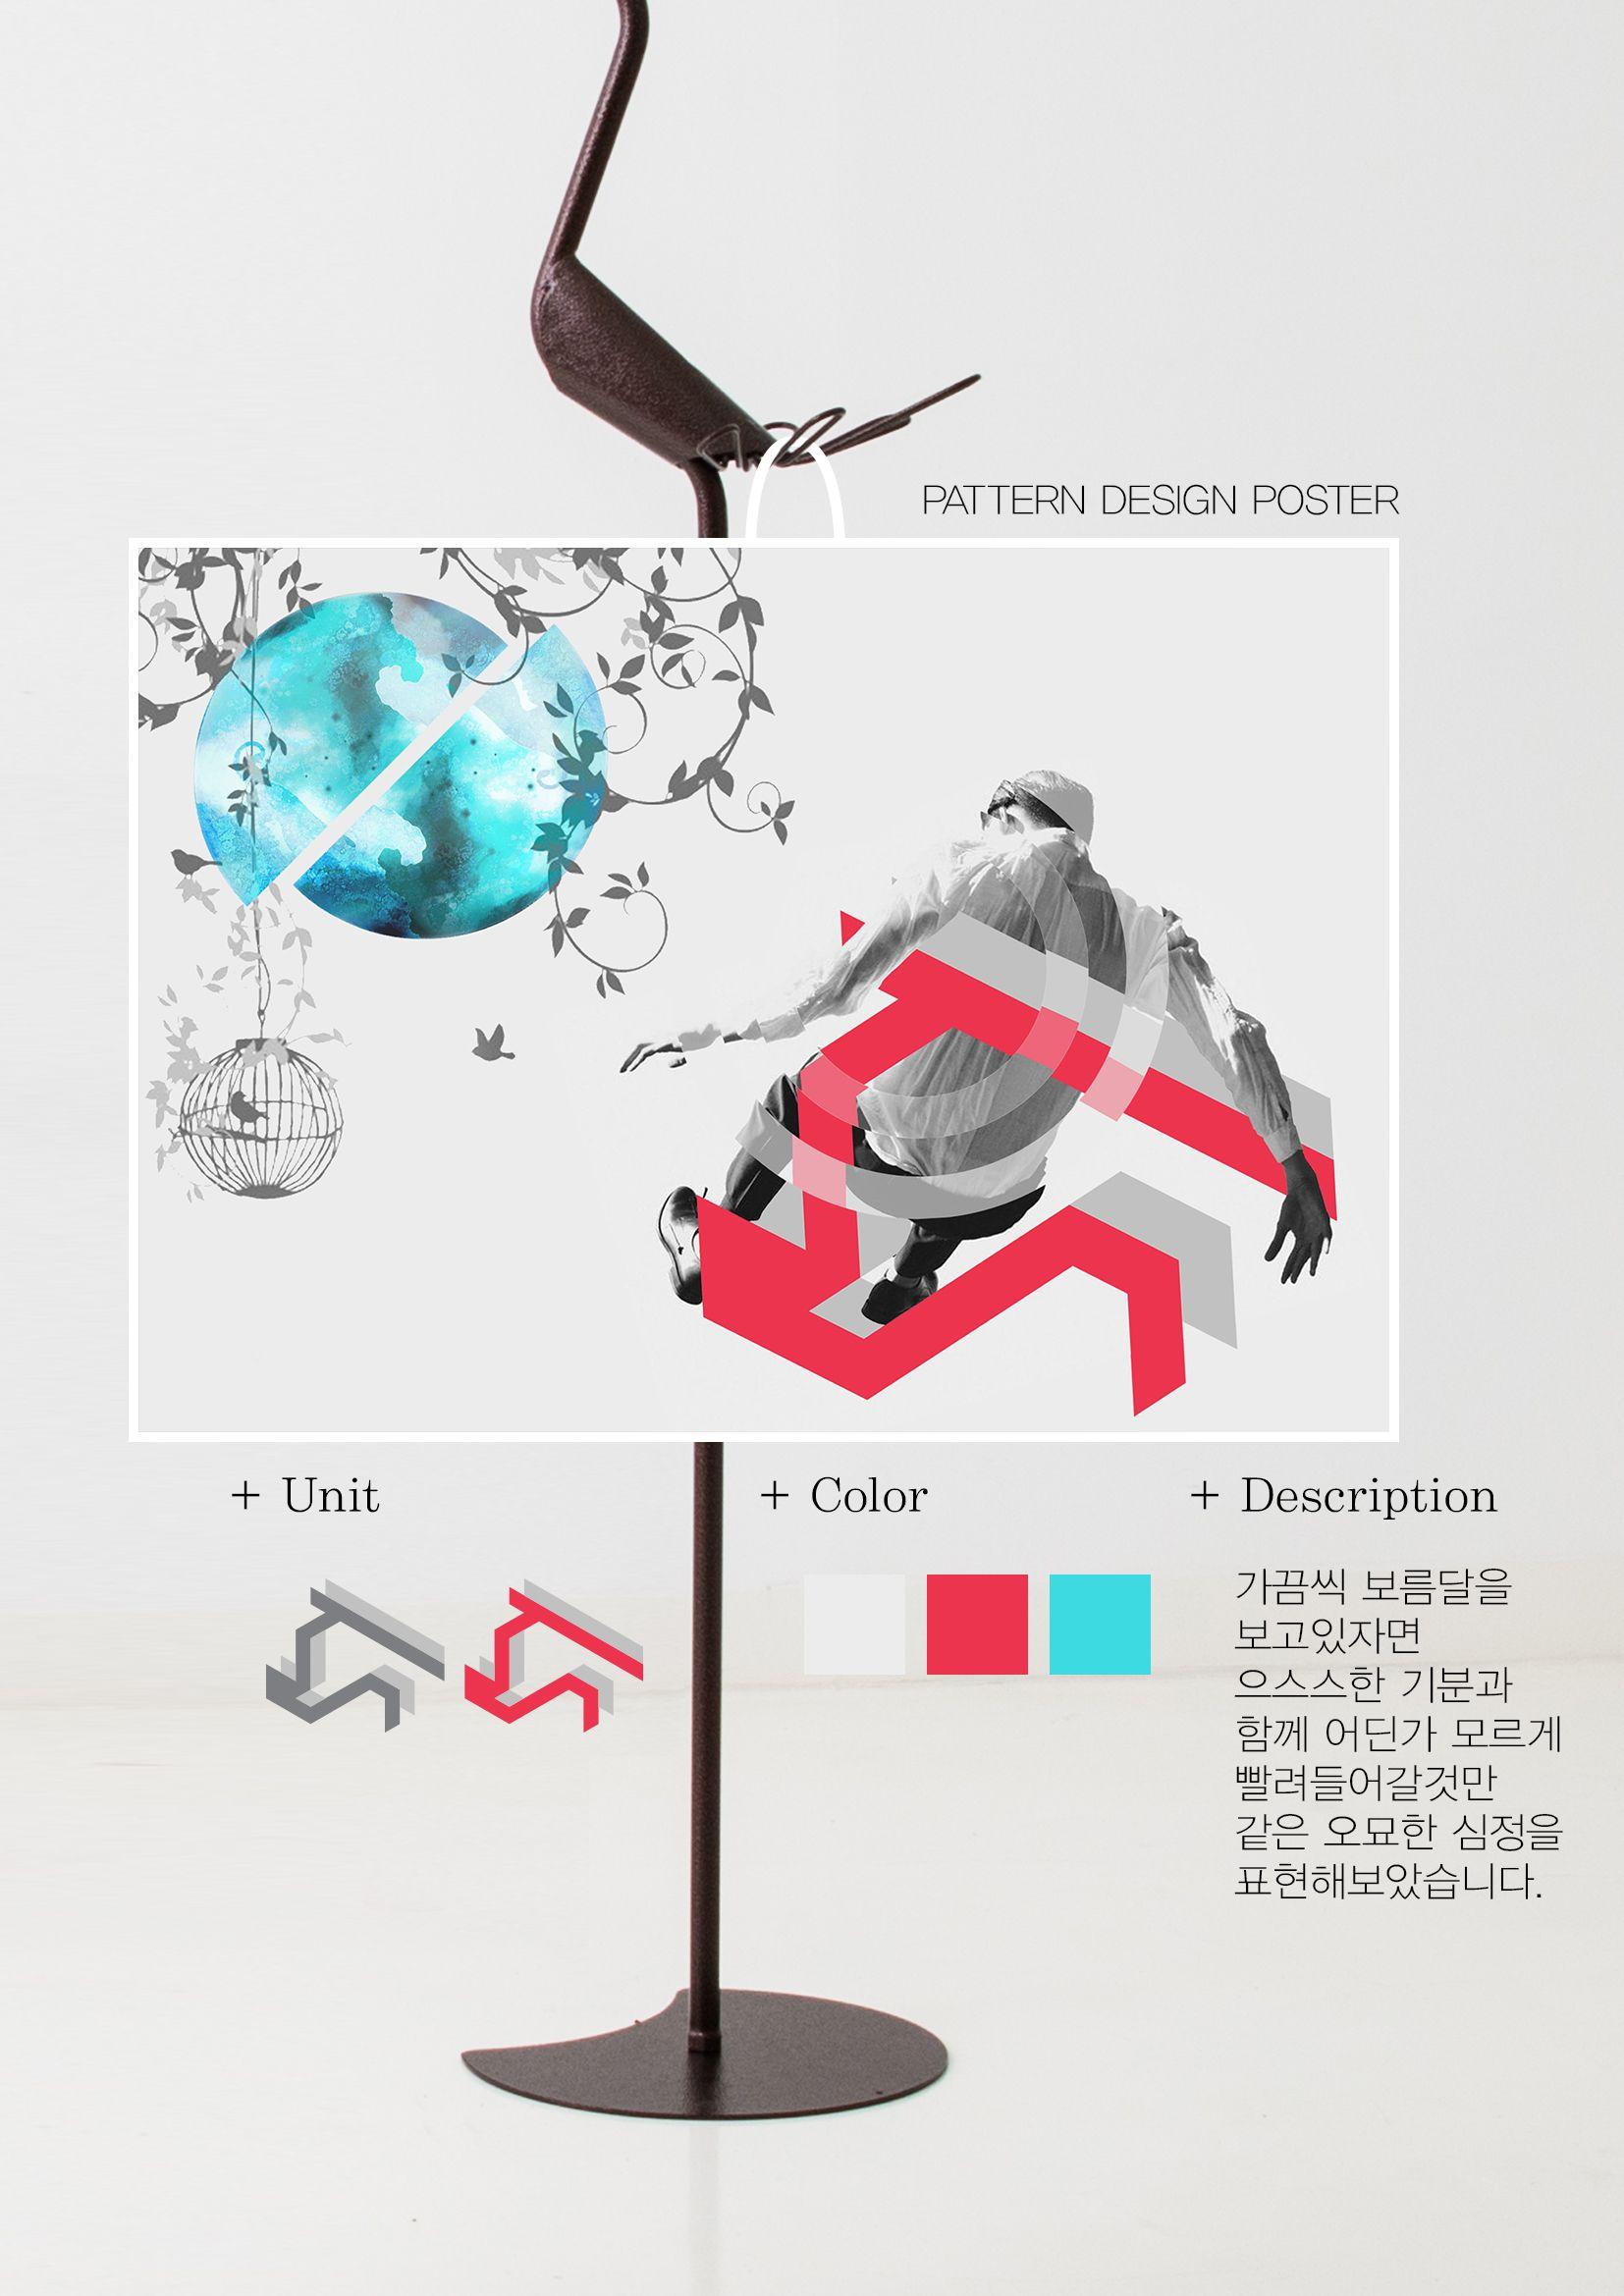 패턴을 이용한 포스터 만들기1 patten, poster 한국IT전문학교 웹디 구유정